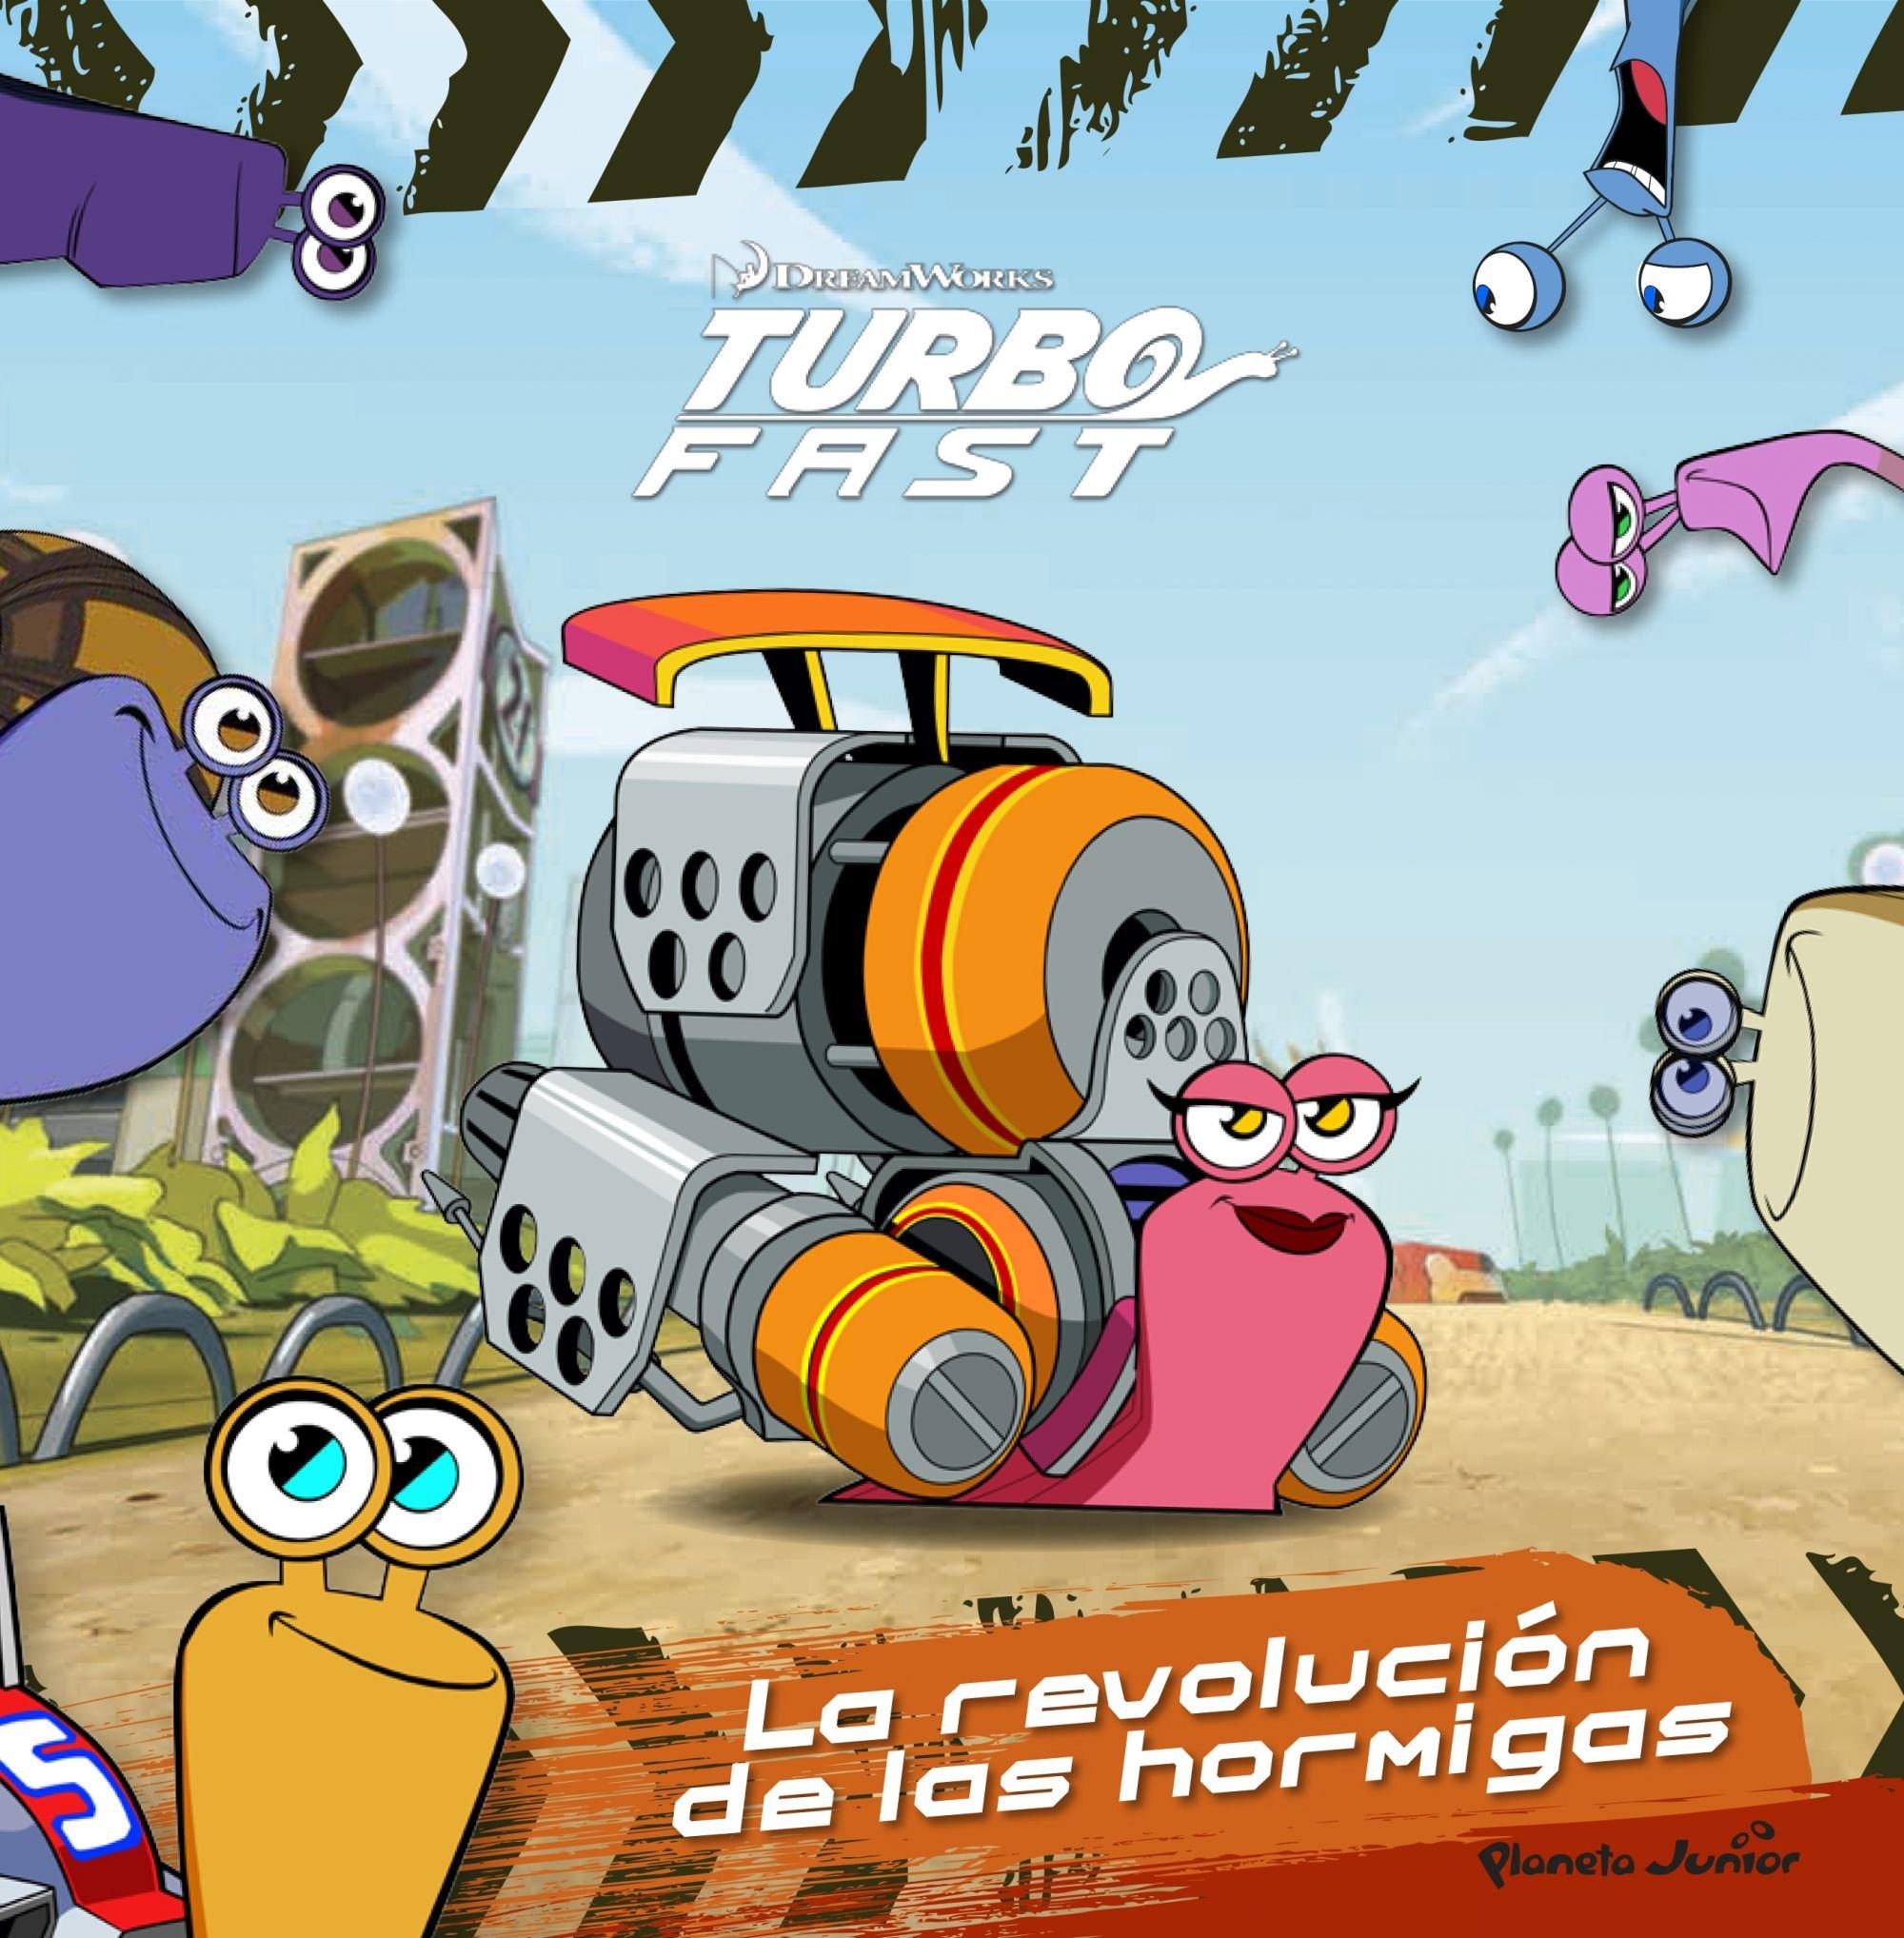 Turbo Fast. La revolución de las hormigas: Cuento: Amazon.es: Dreamworks, Editorial Planeta S. A.: Libros